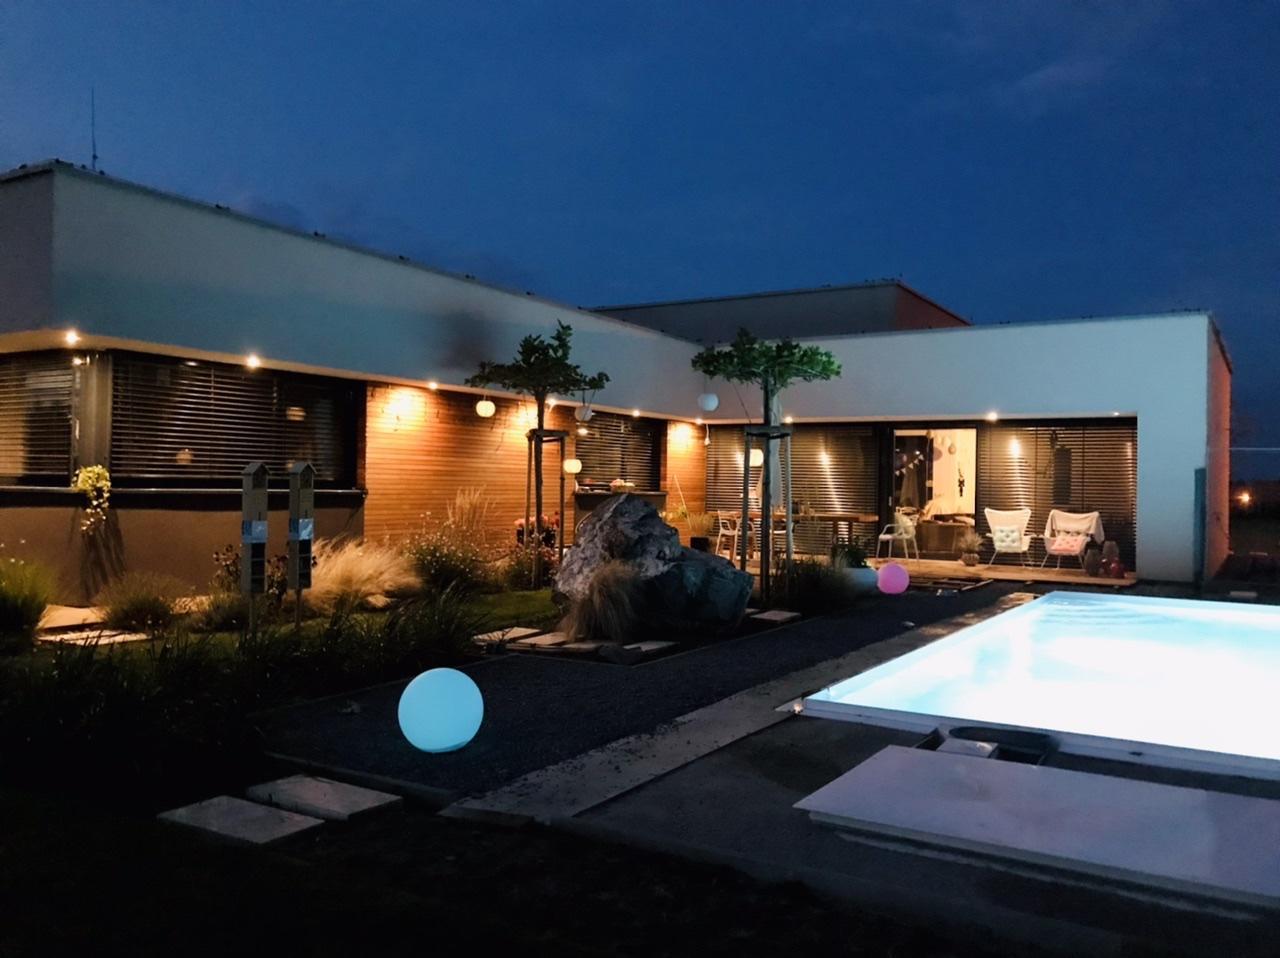 Naše L-ko - 2021 - stále dokončujeme - domček v noci, konečne dorazilo dodavatelovi drevo a opozdene ale predsa sa snad už dostaneme na dokončenie terasy okolo bazéna.